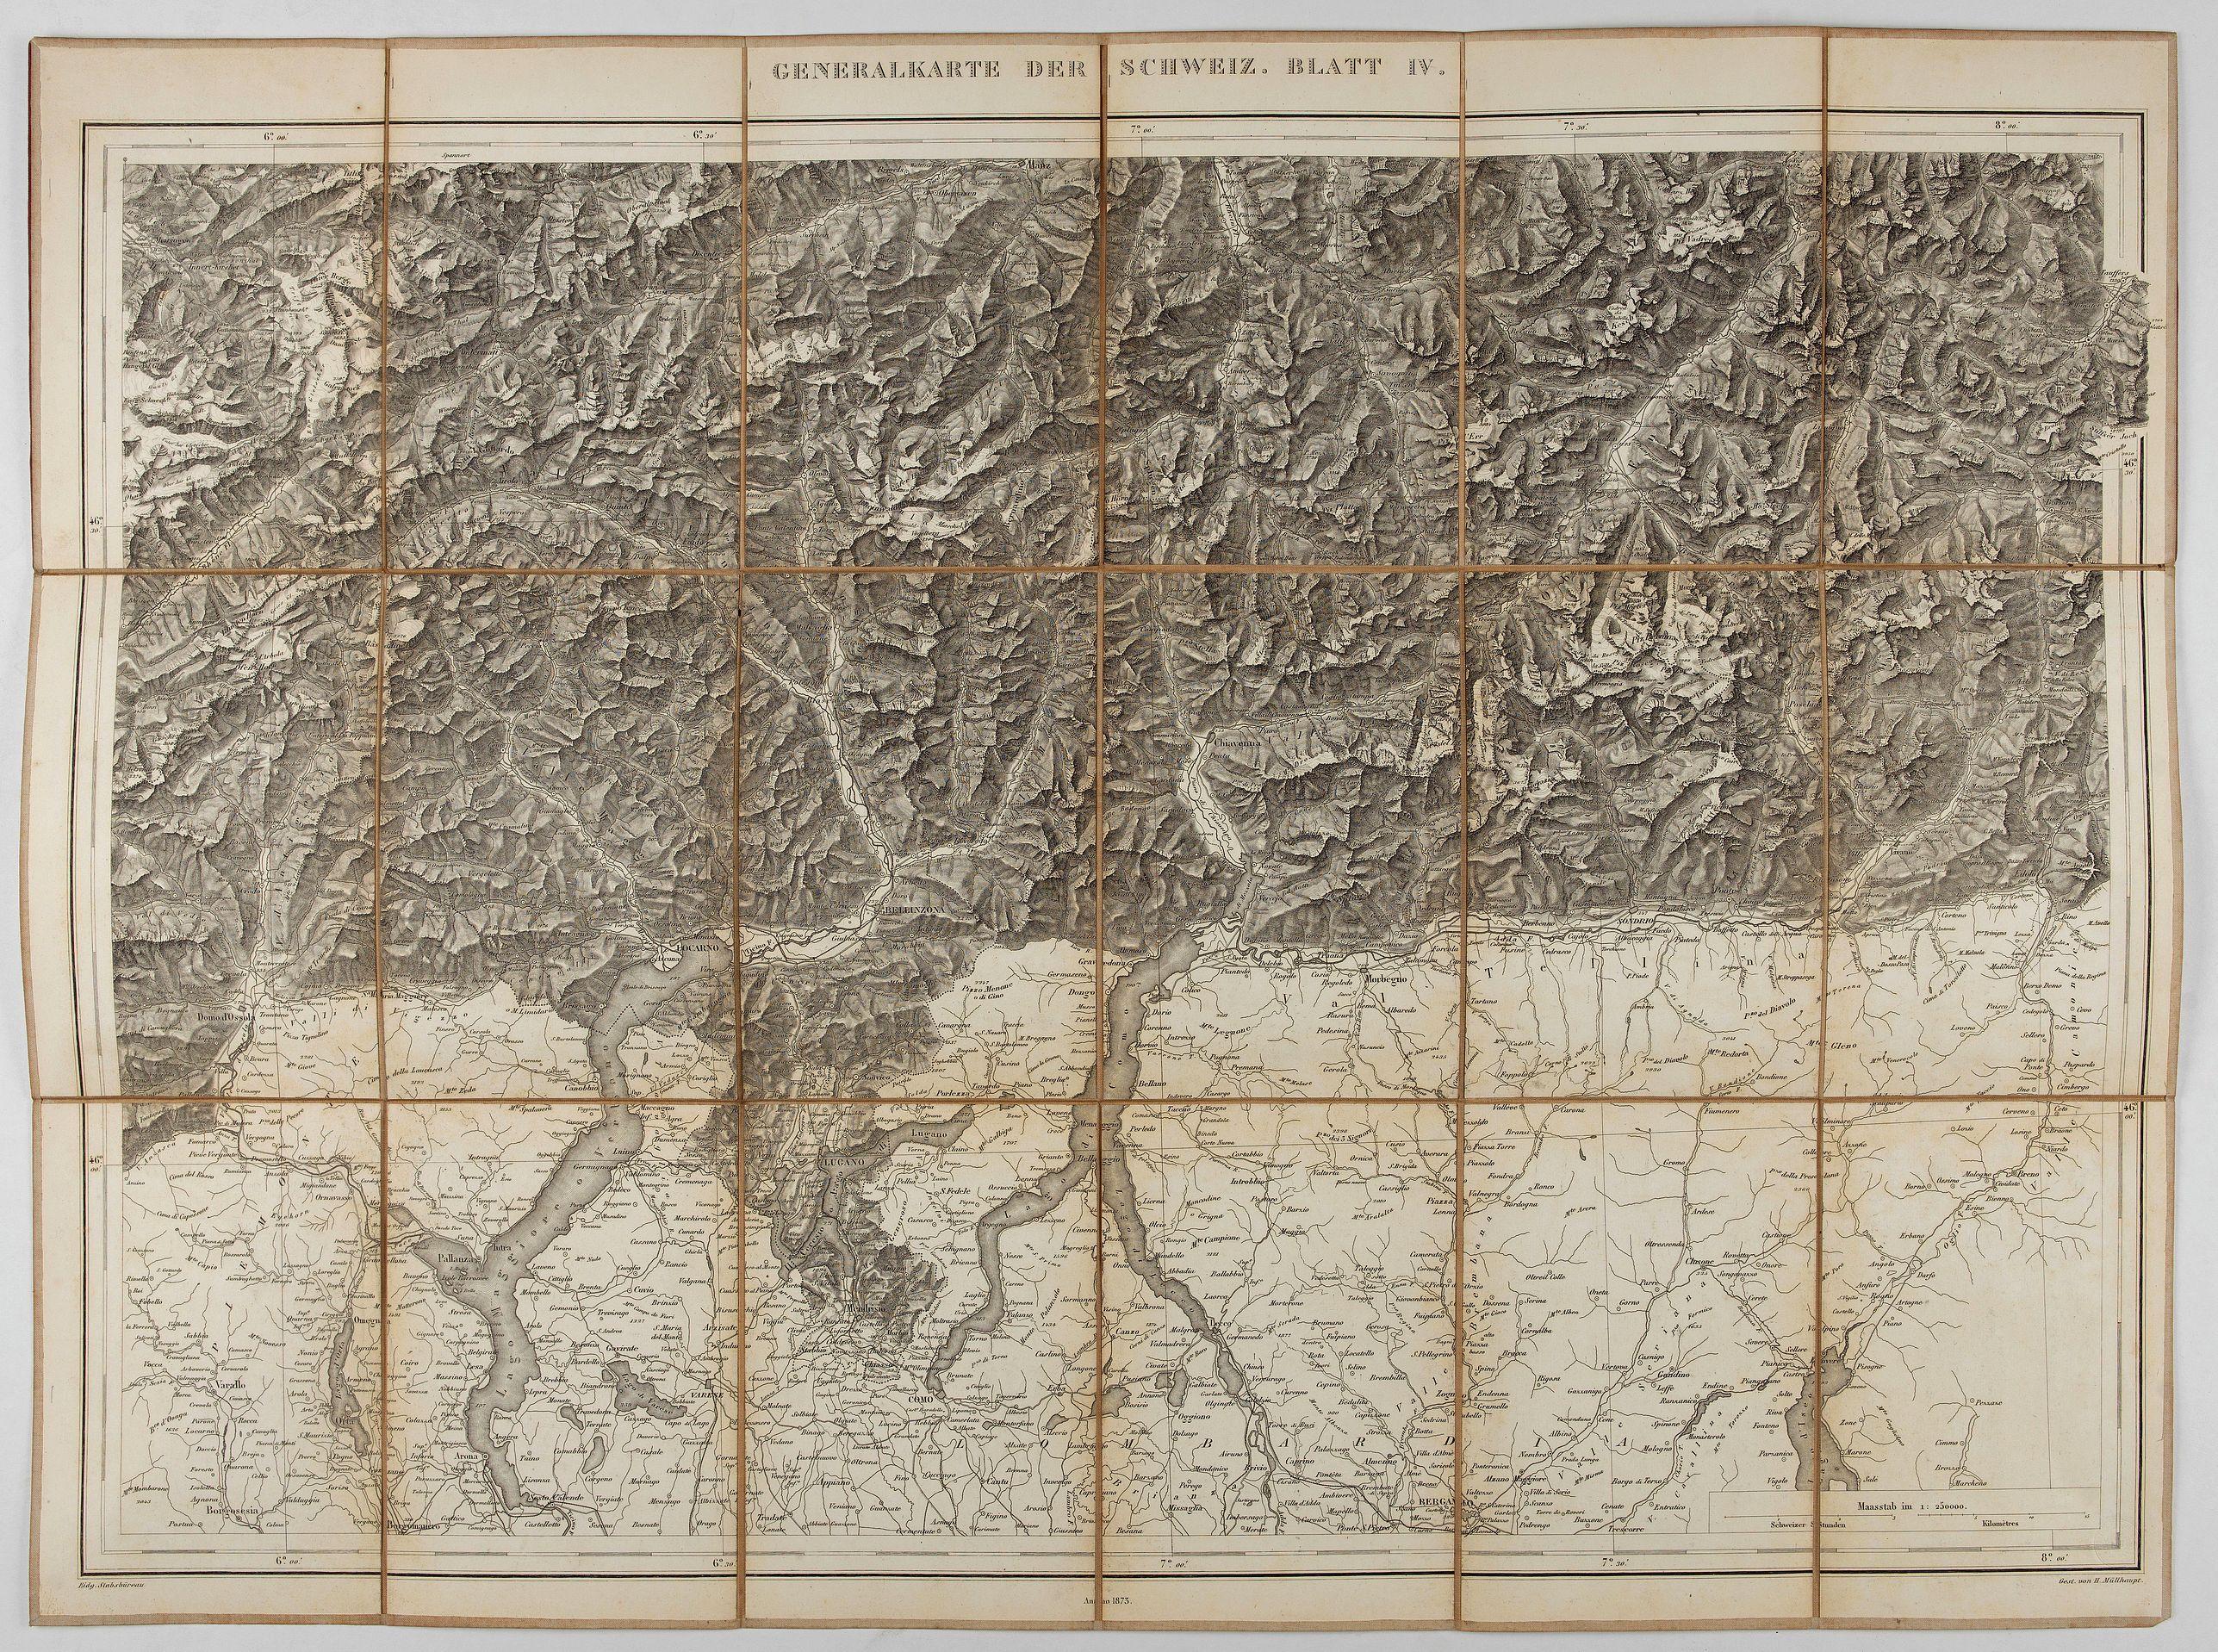 MULLHAUPT, H. -  Generalkarte der Schweiz. Blatt IV.